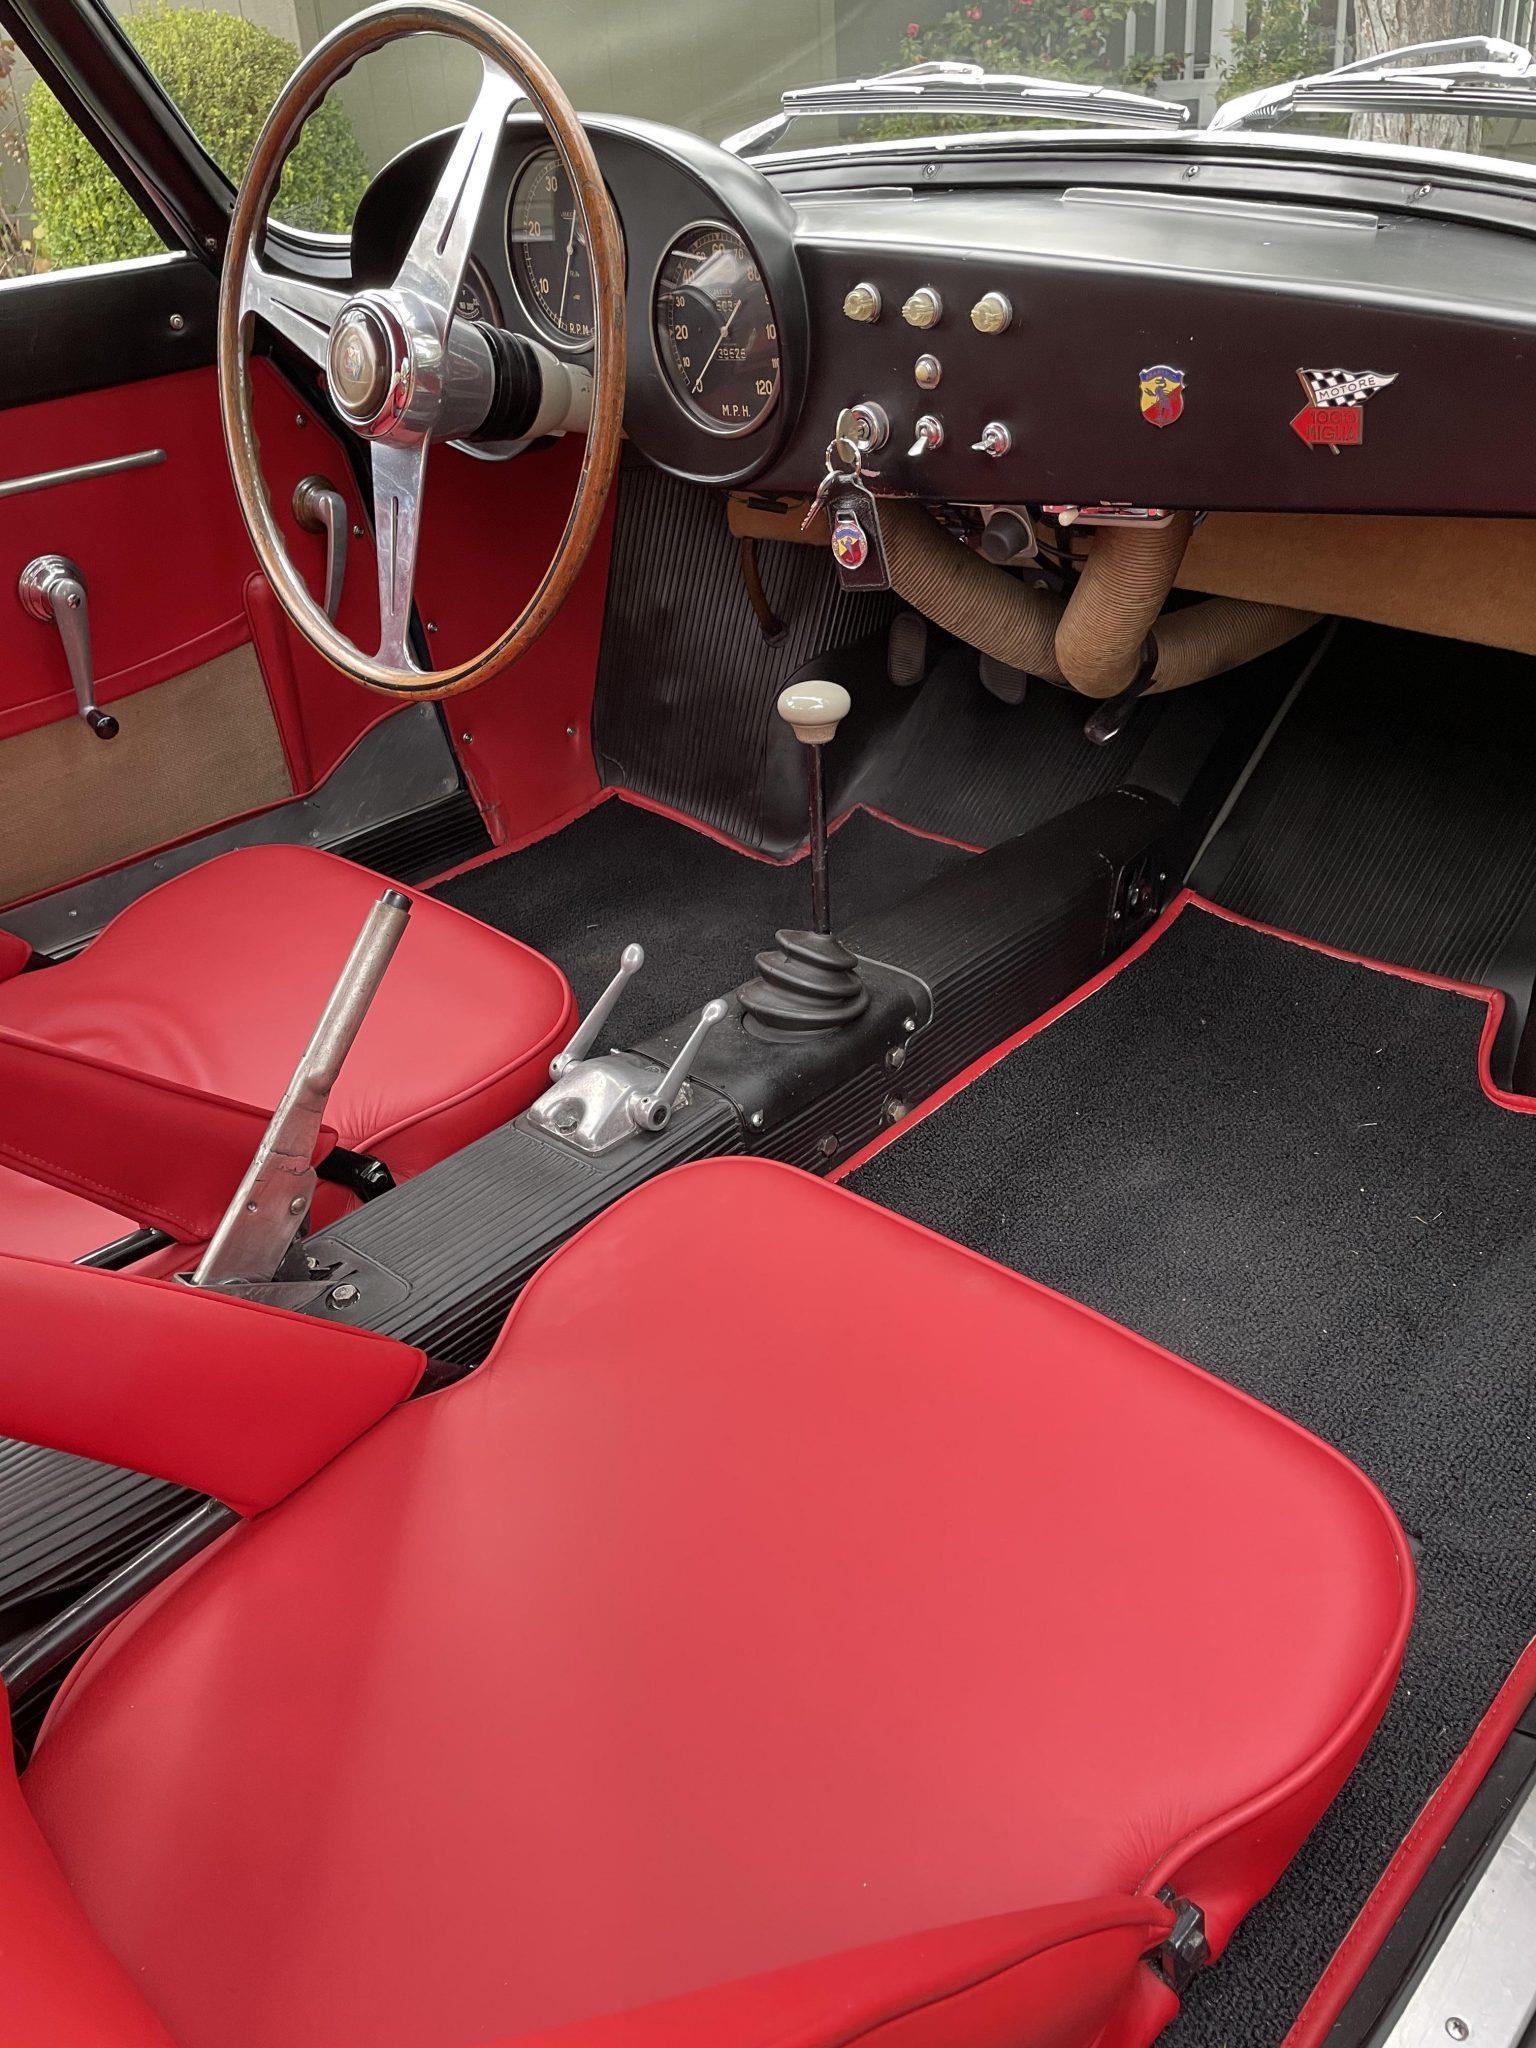 Fiat-Abarth-750-GT-Zagato-uit-1958-werd-nieuw-geleverd-in-Canada-en-werd-tot-in-de-jaren--1990-door-vier-eigenaren-geracet-(2)